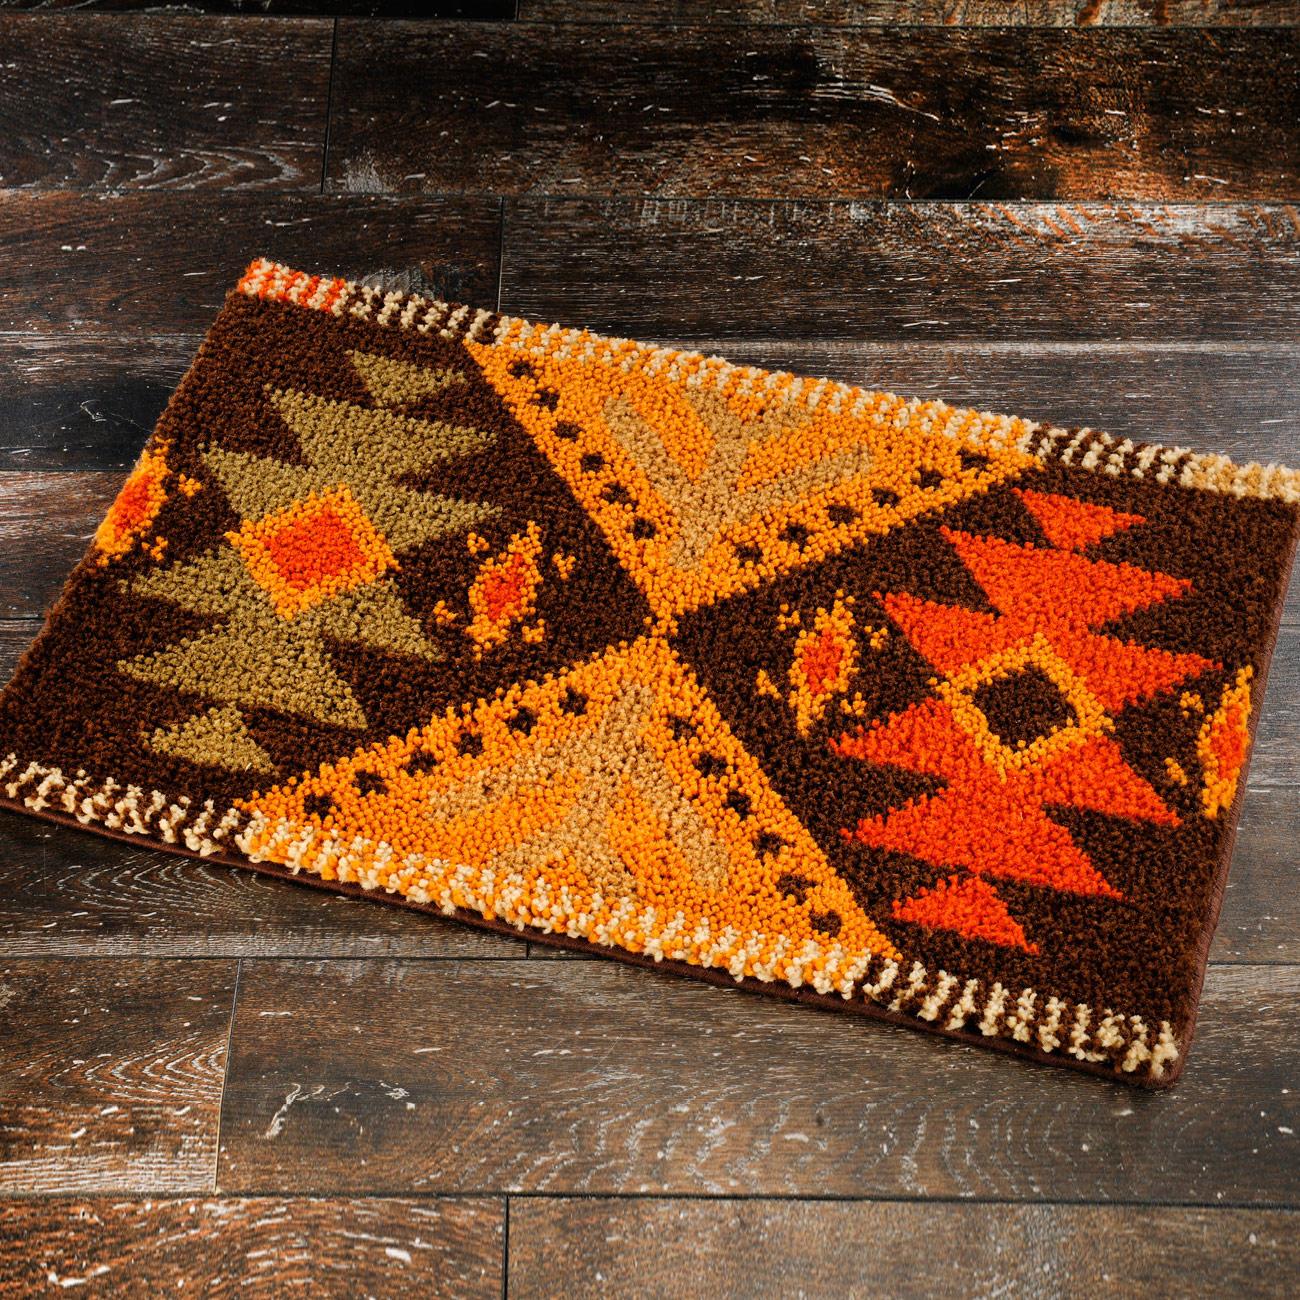 teppich arizona weitere teppiche teppiche kn pfen im junghans wolle creativ shop kaufen. Black Bedroom Furniture Sets. Home Design Ideas